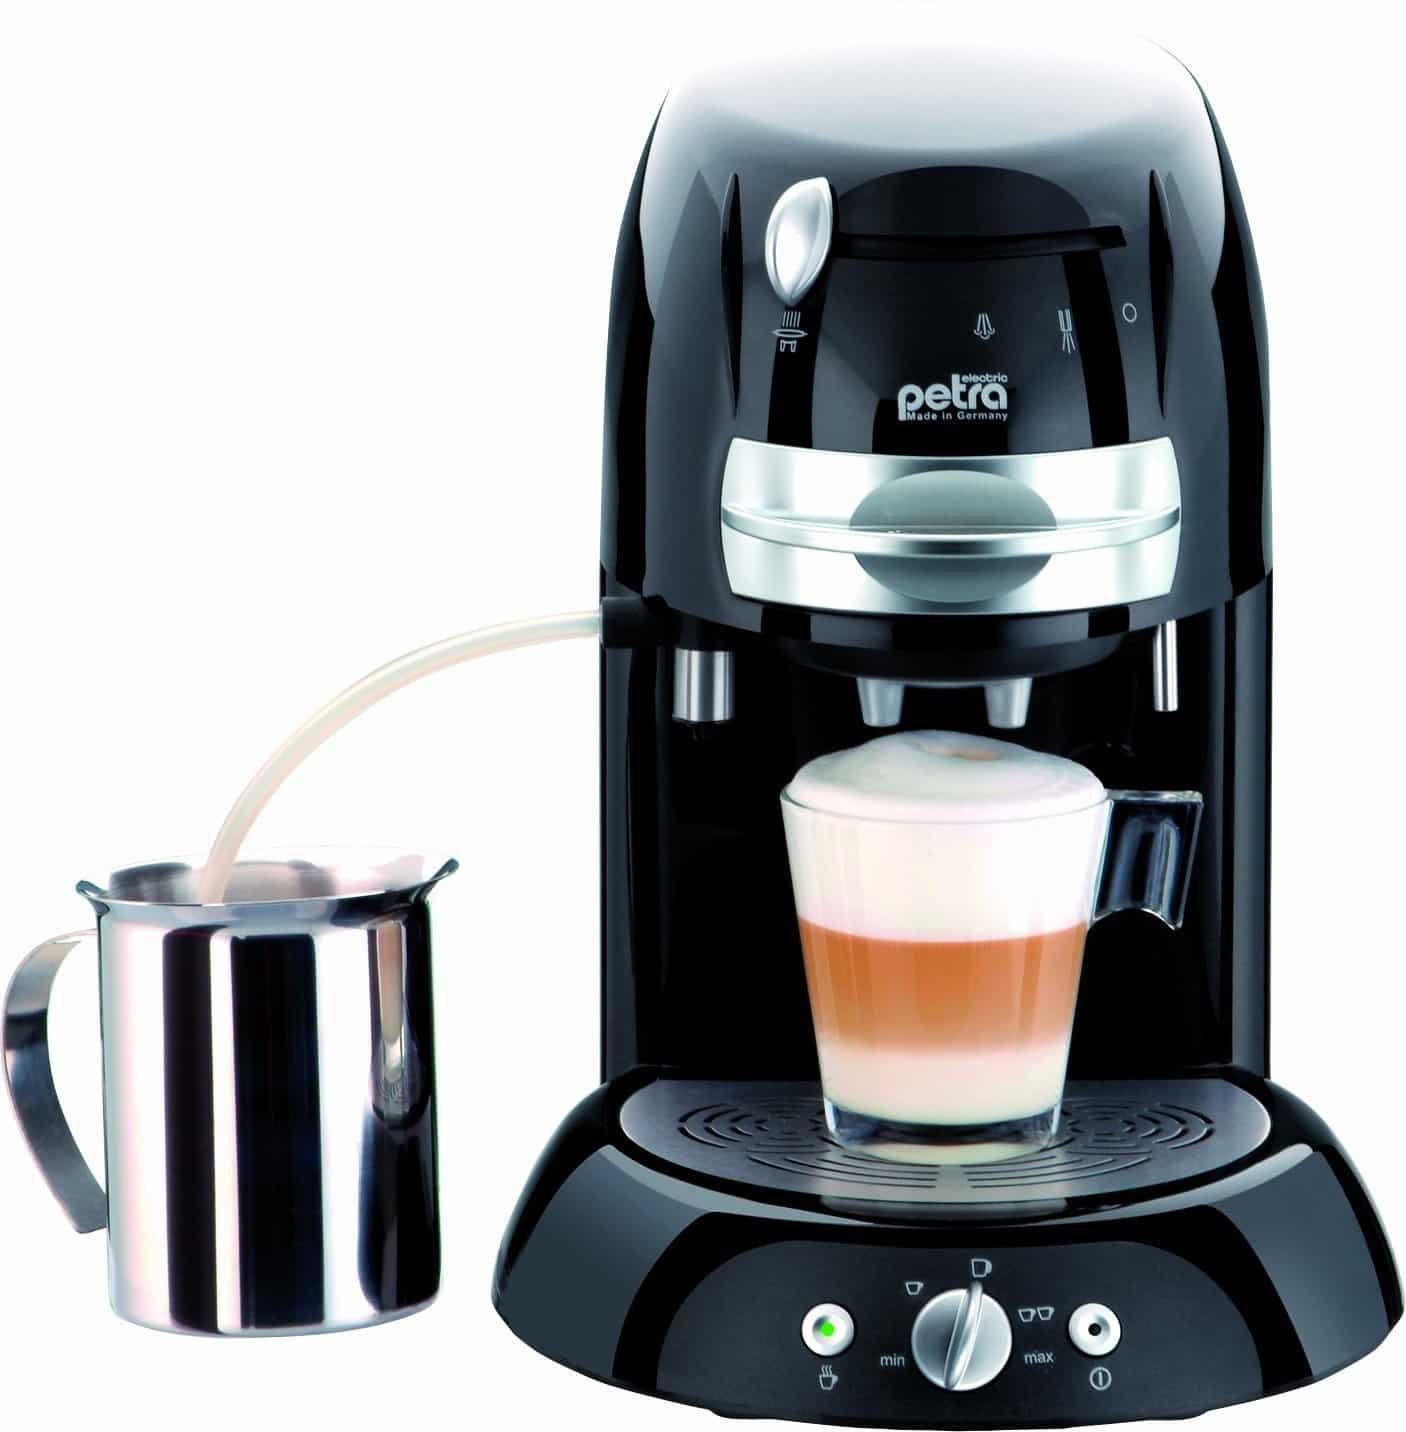 petra der kaffeepad kaffeepadmaschinen ratgeber. Black Bedroom Furniture Sets. Home Design Ideas